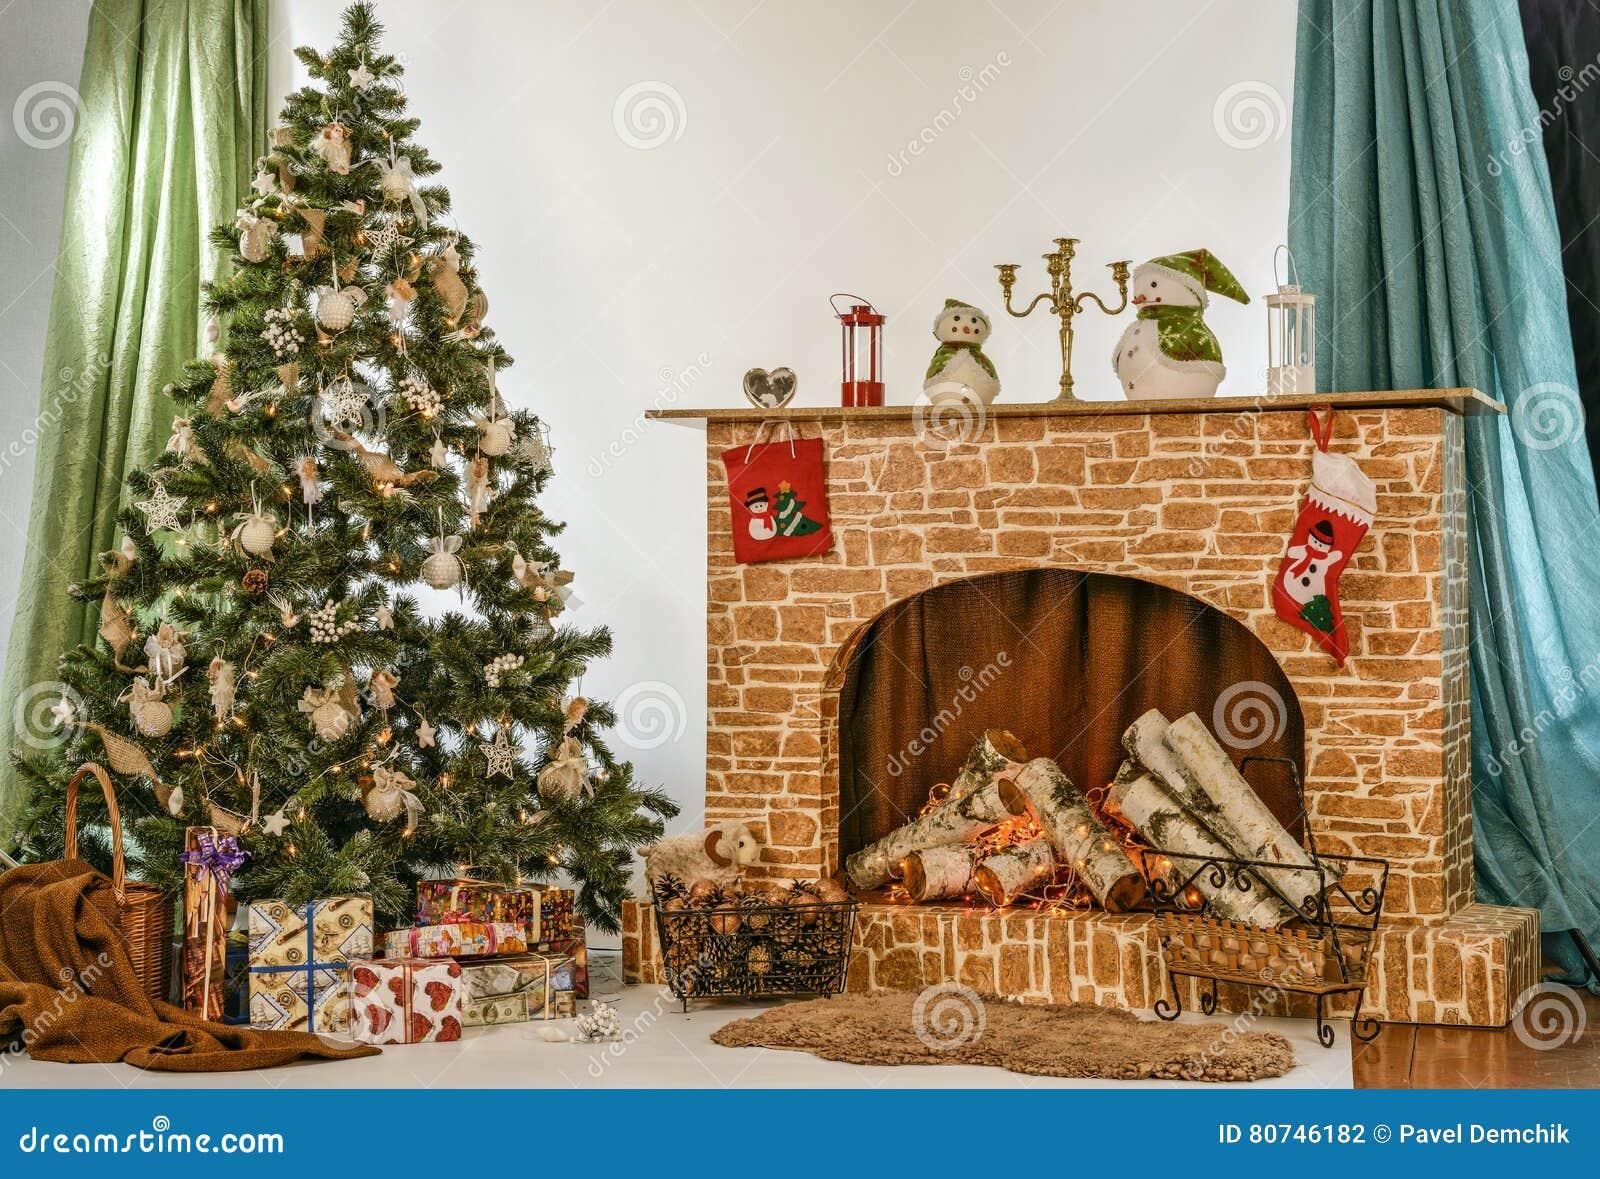 b4657fa626df4 Рождественская елка около камина в комнате Стоковое Фото ...